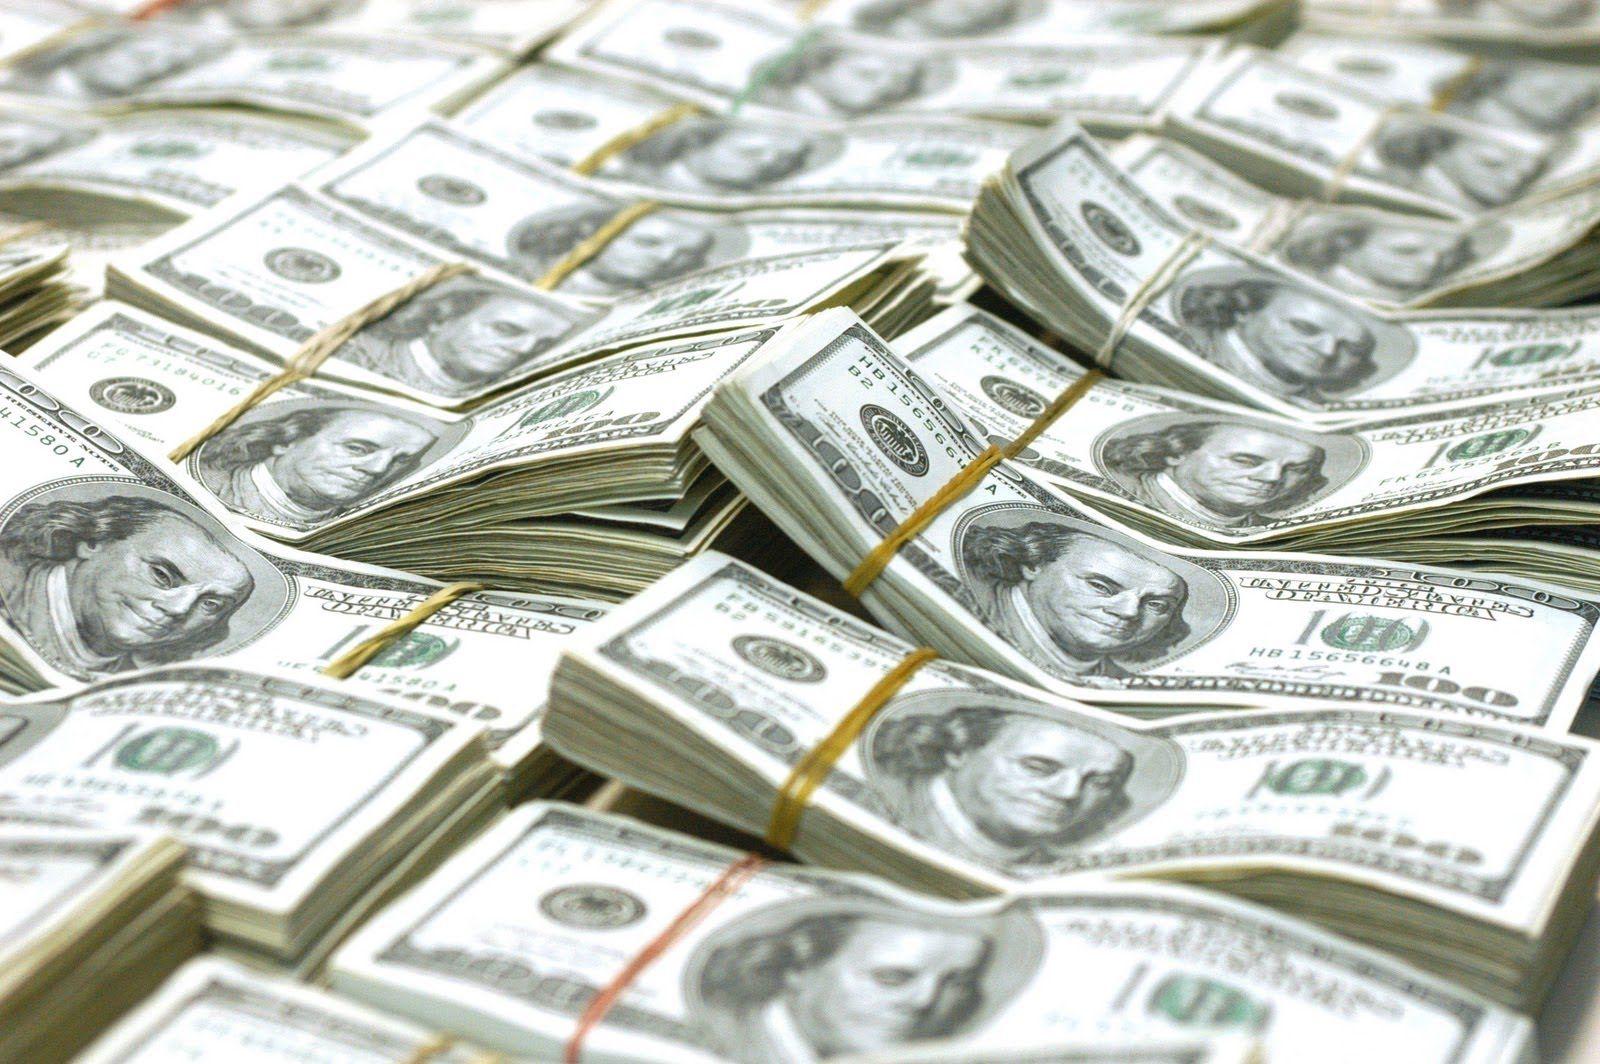 تعرف على أسعار العملات الأجنبية في البنوك | بوابة أخبار اليوم الإلكترونية